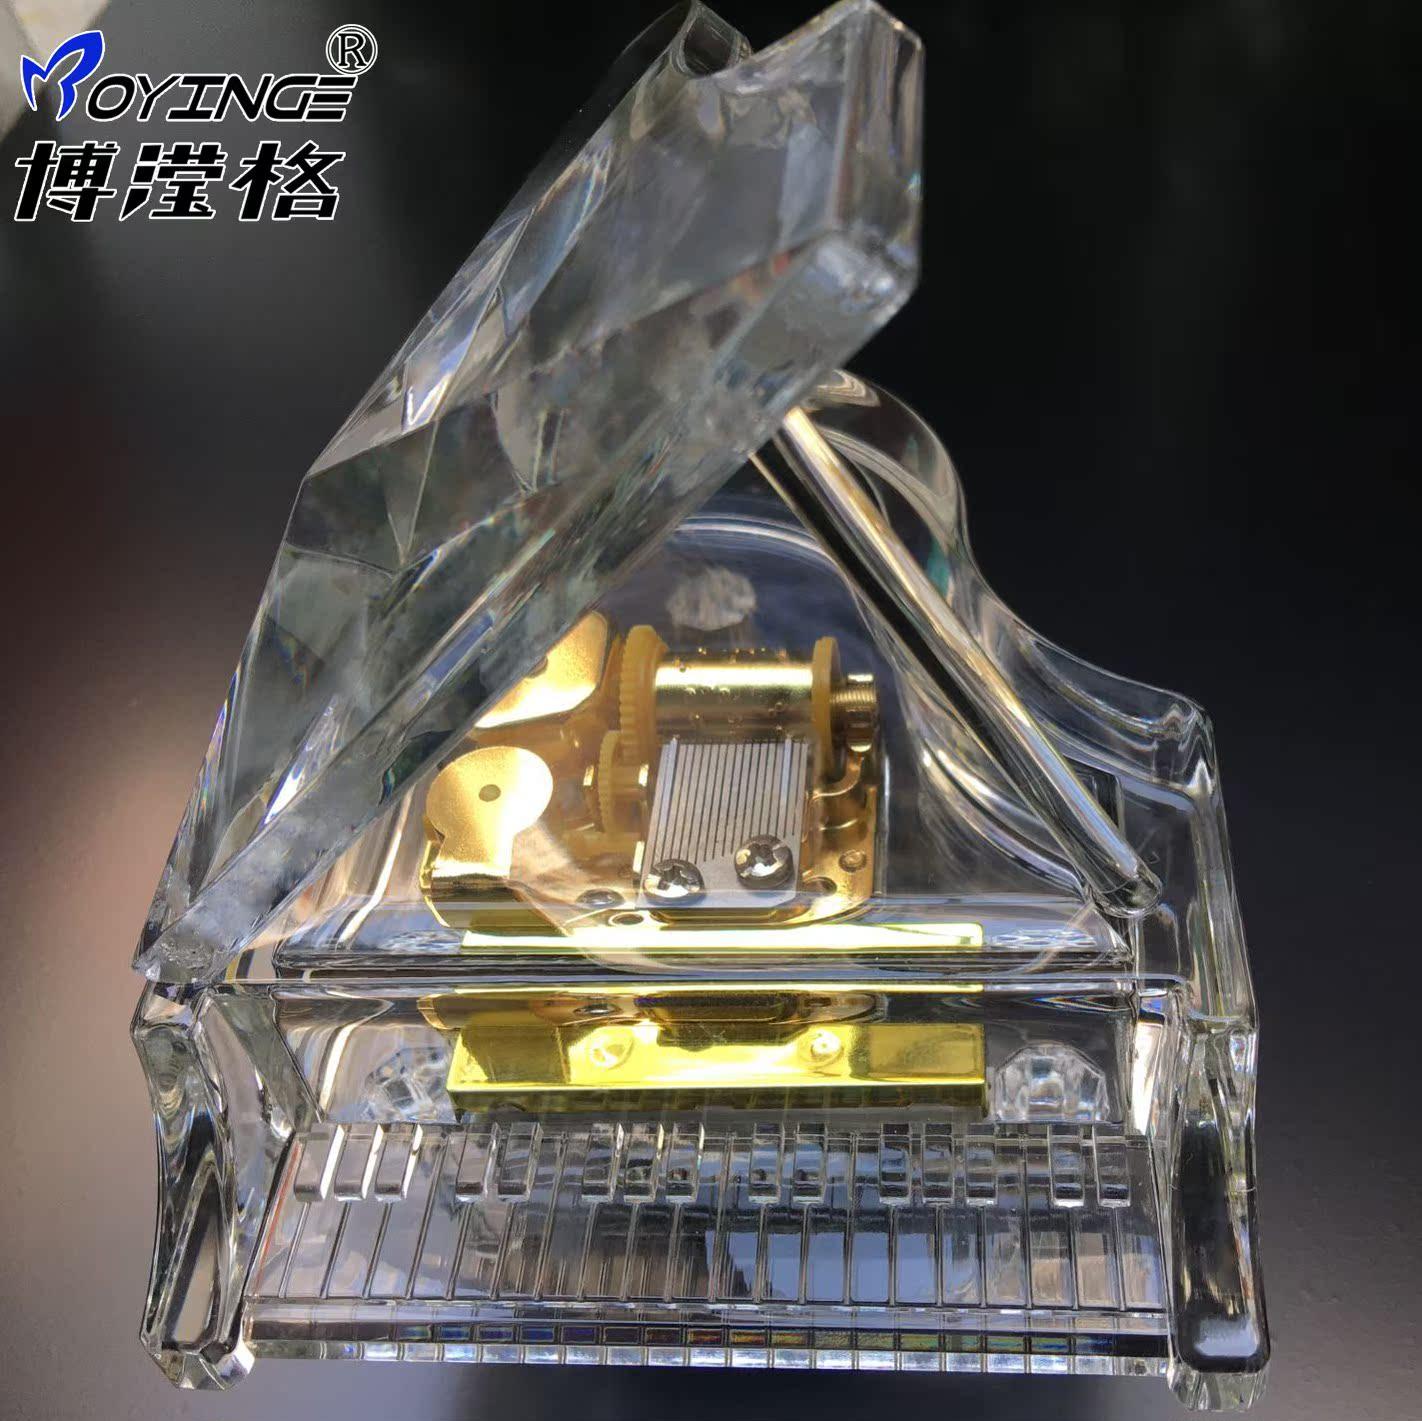 七夕情人节礼物水晶钢琴音乐盒八音盒女生创意生日礼品diy送女友